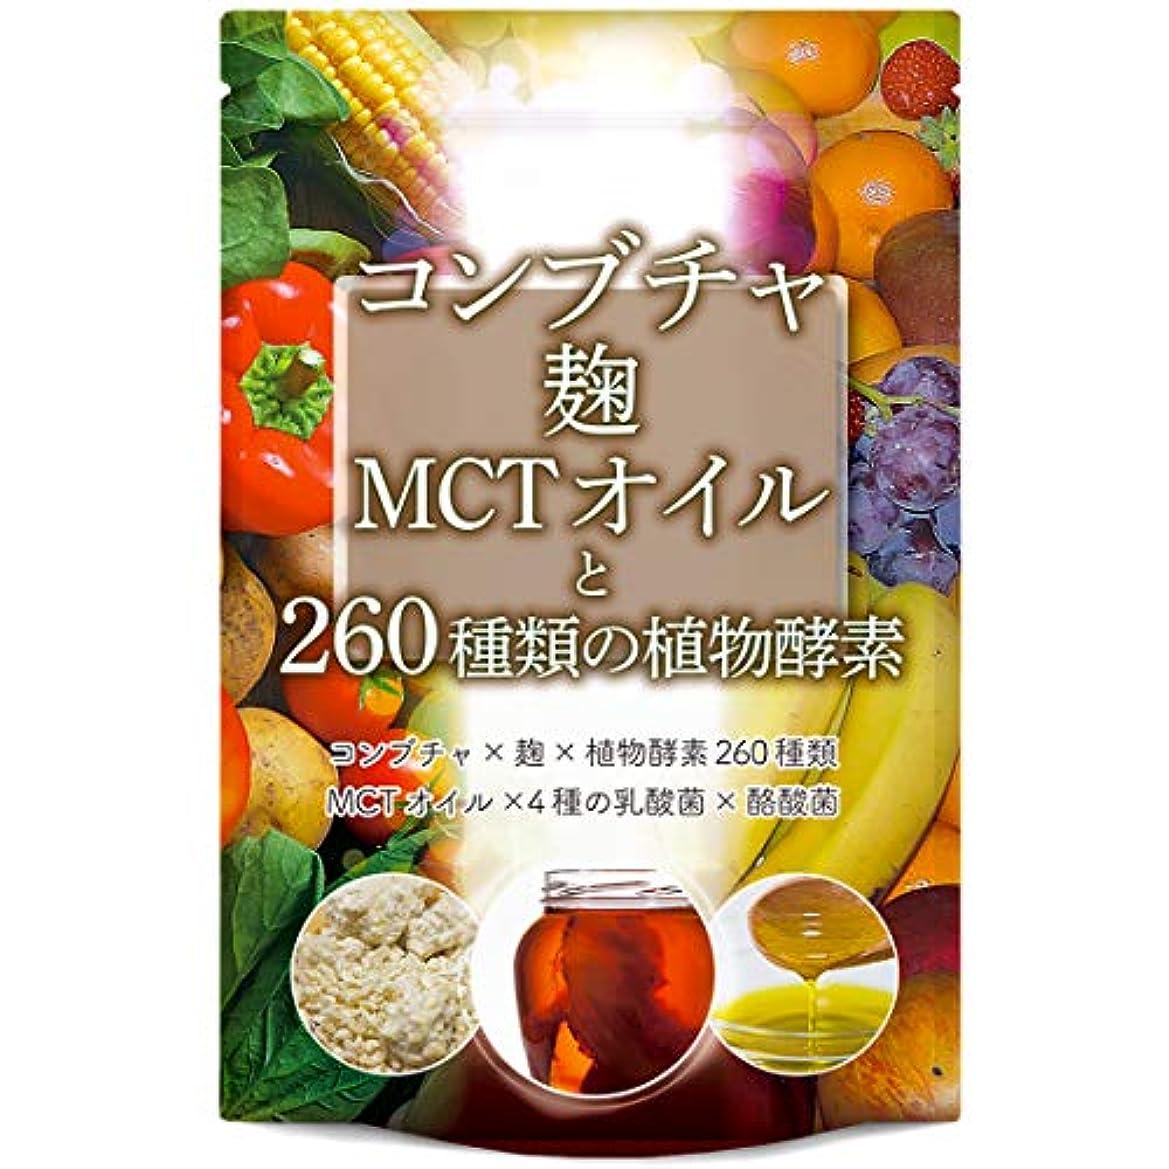 異形シェード無しコンブチャ 麹 MCTオイル 260種類の植物酵素 ダイエット サプリメント 30粒 30日分